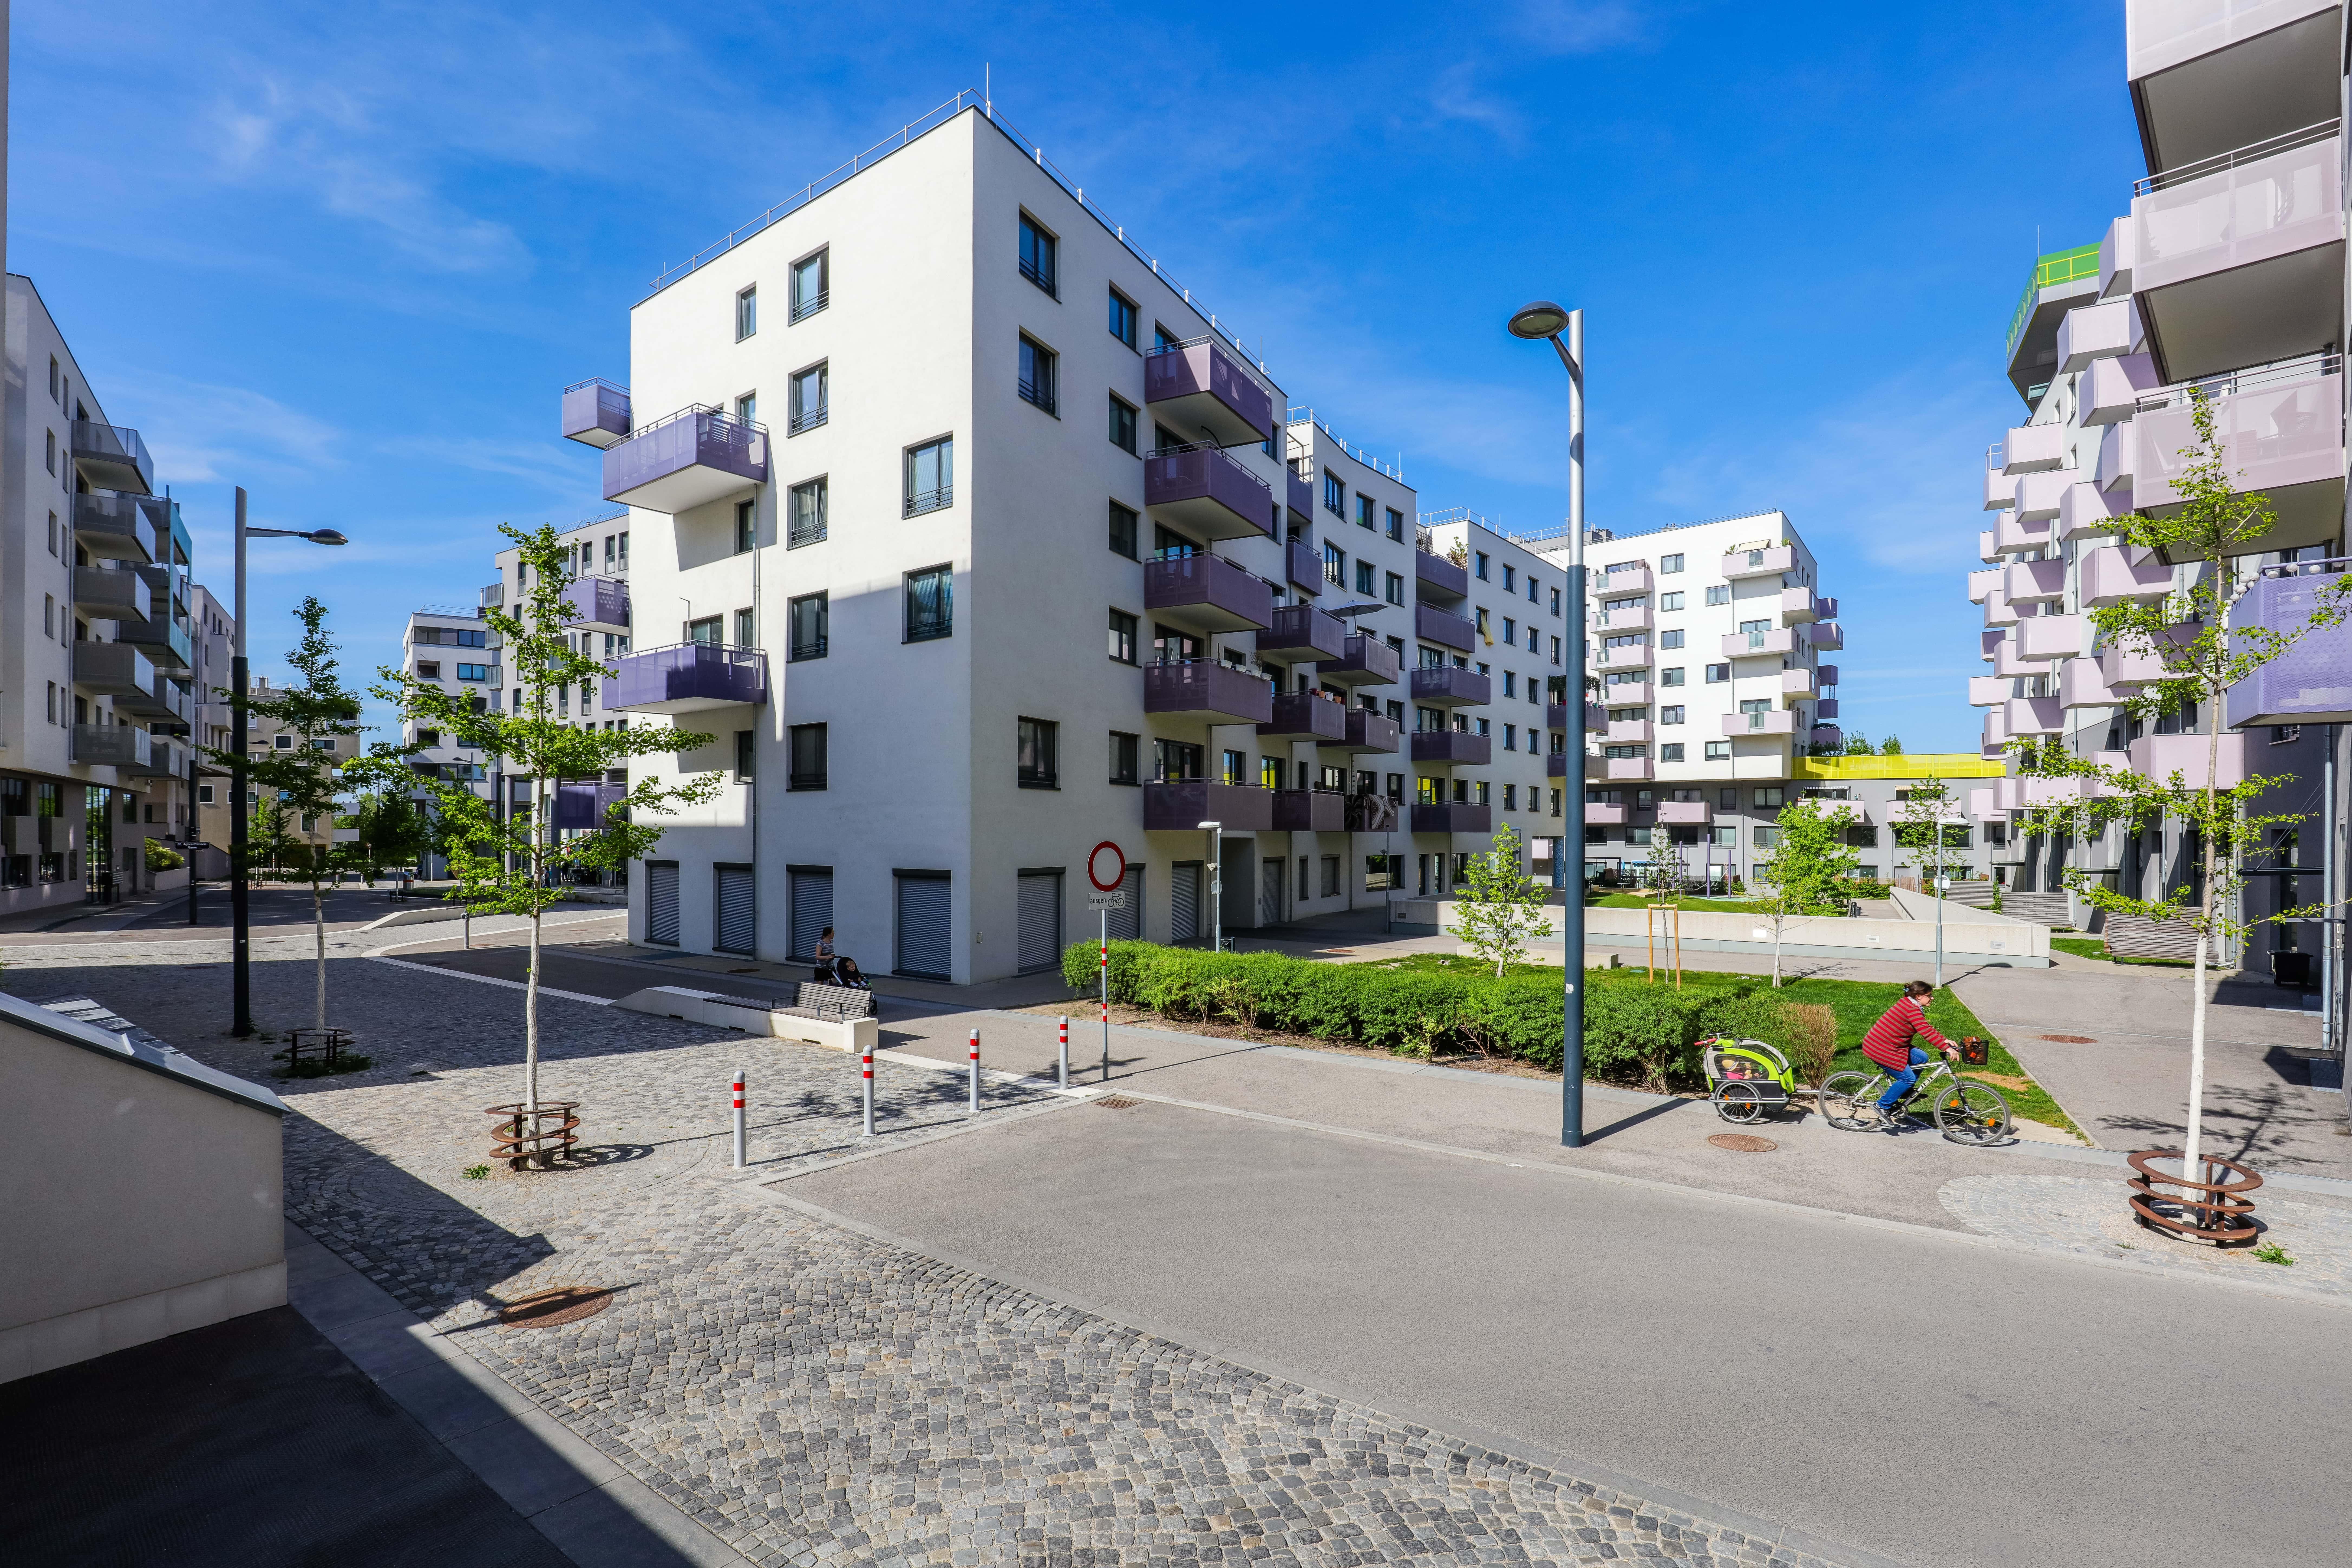 Moderne Wohnhäuser in der Seestadt-Aspern.